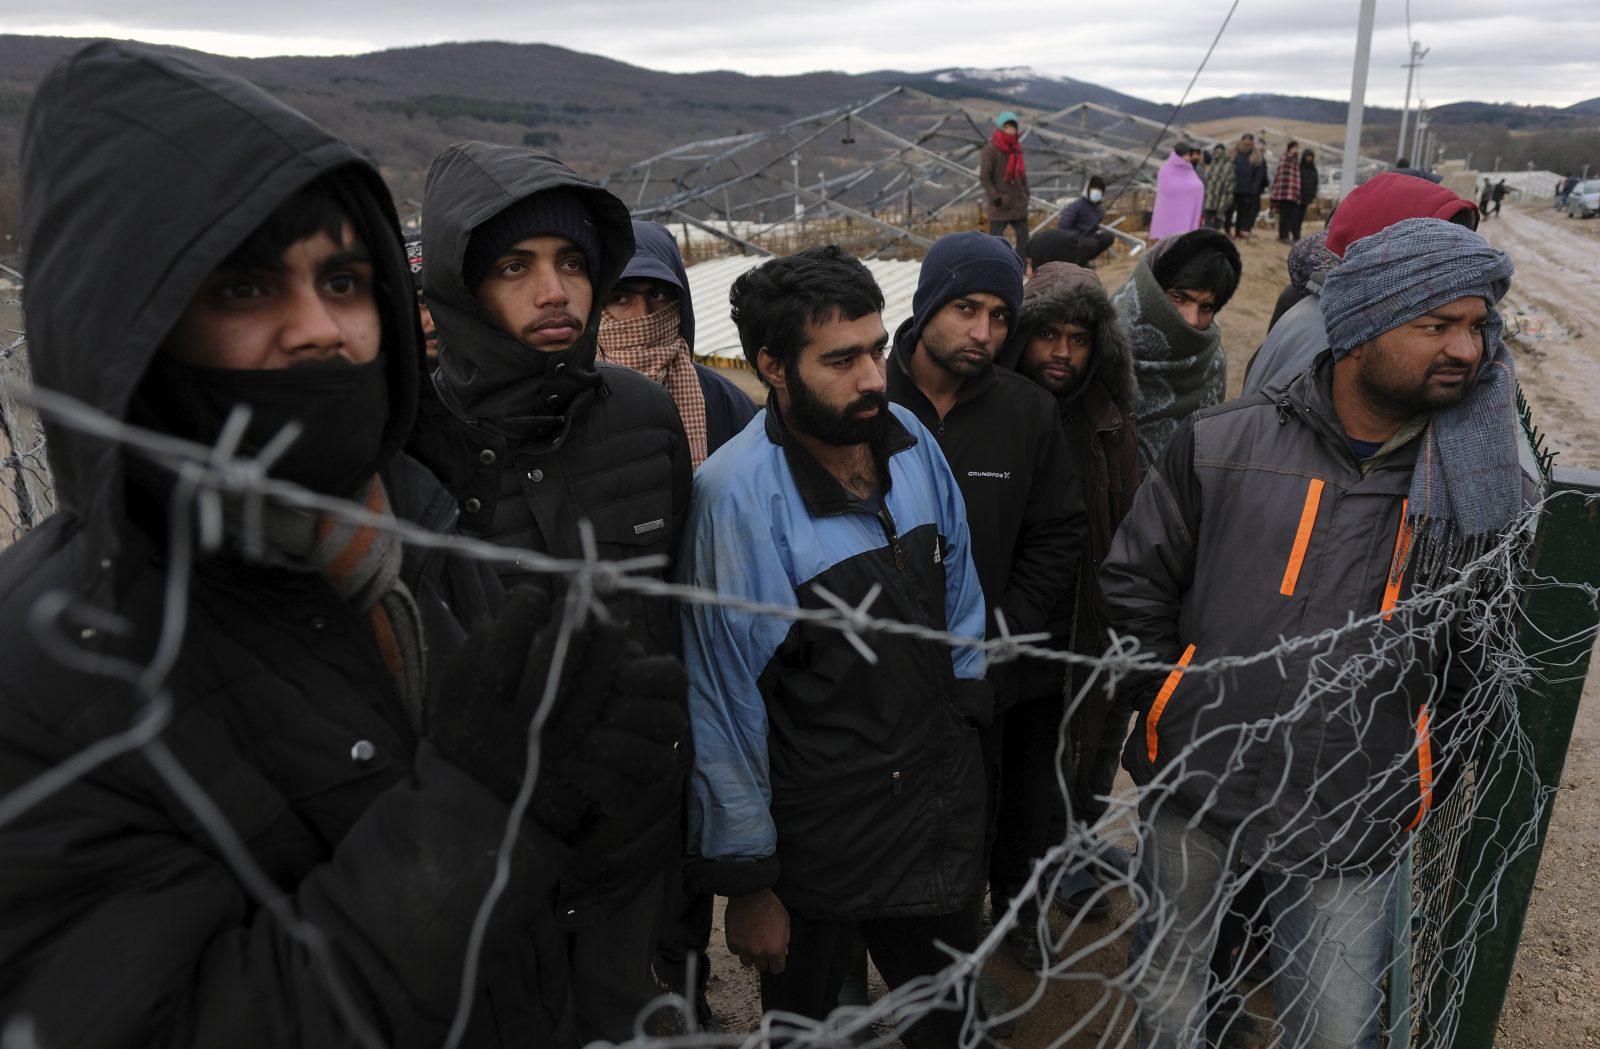 Migranten im bosnischen Lager Lipa: Seit der Schließung des Camps sind rund 1.300 Flüchtlinge obdachlos